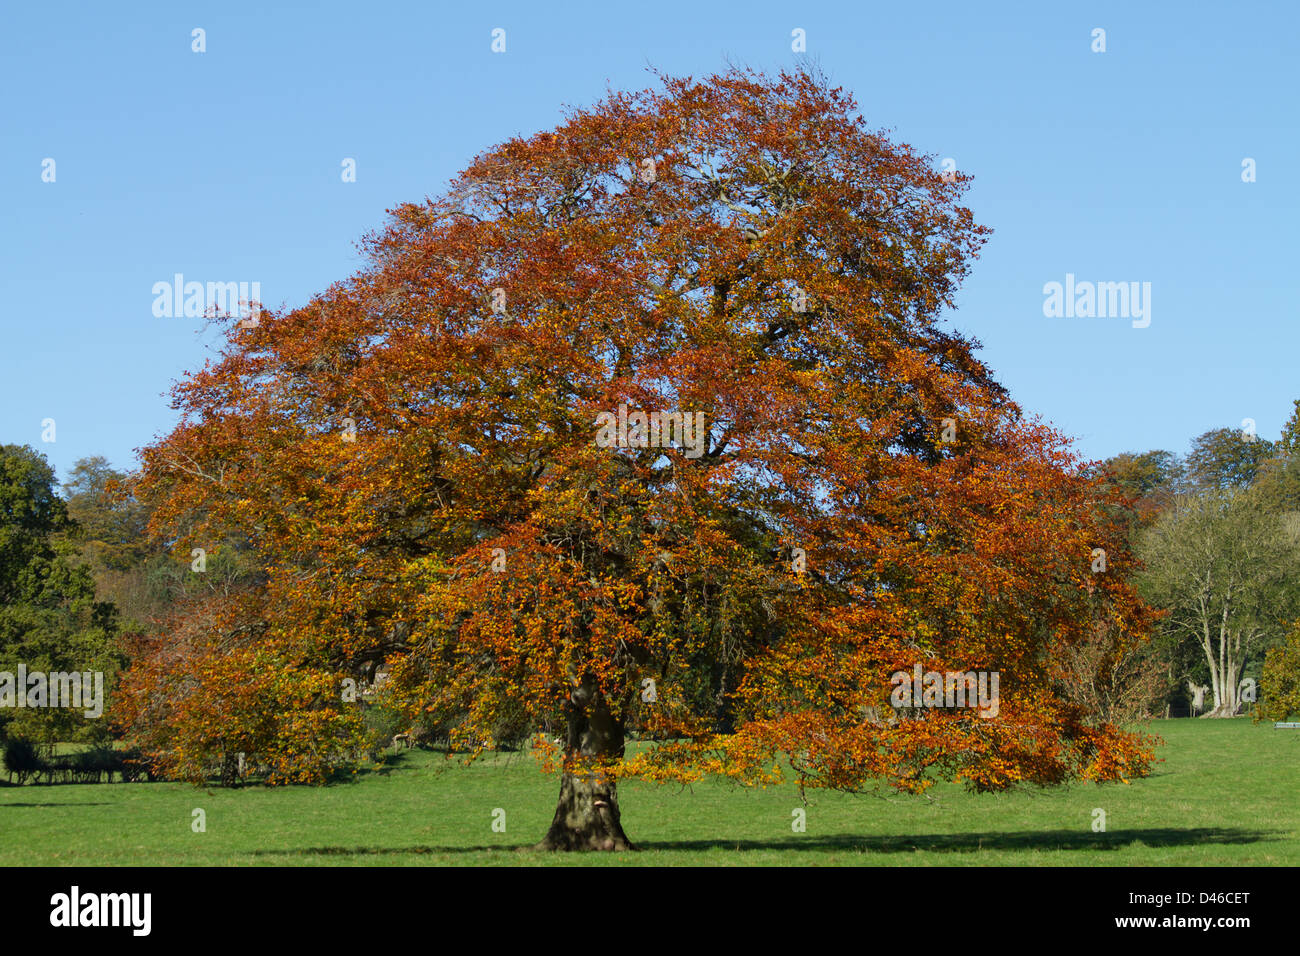 European beech tree,  fagus sylvatica, in autumn colours. - Stock Image